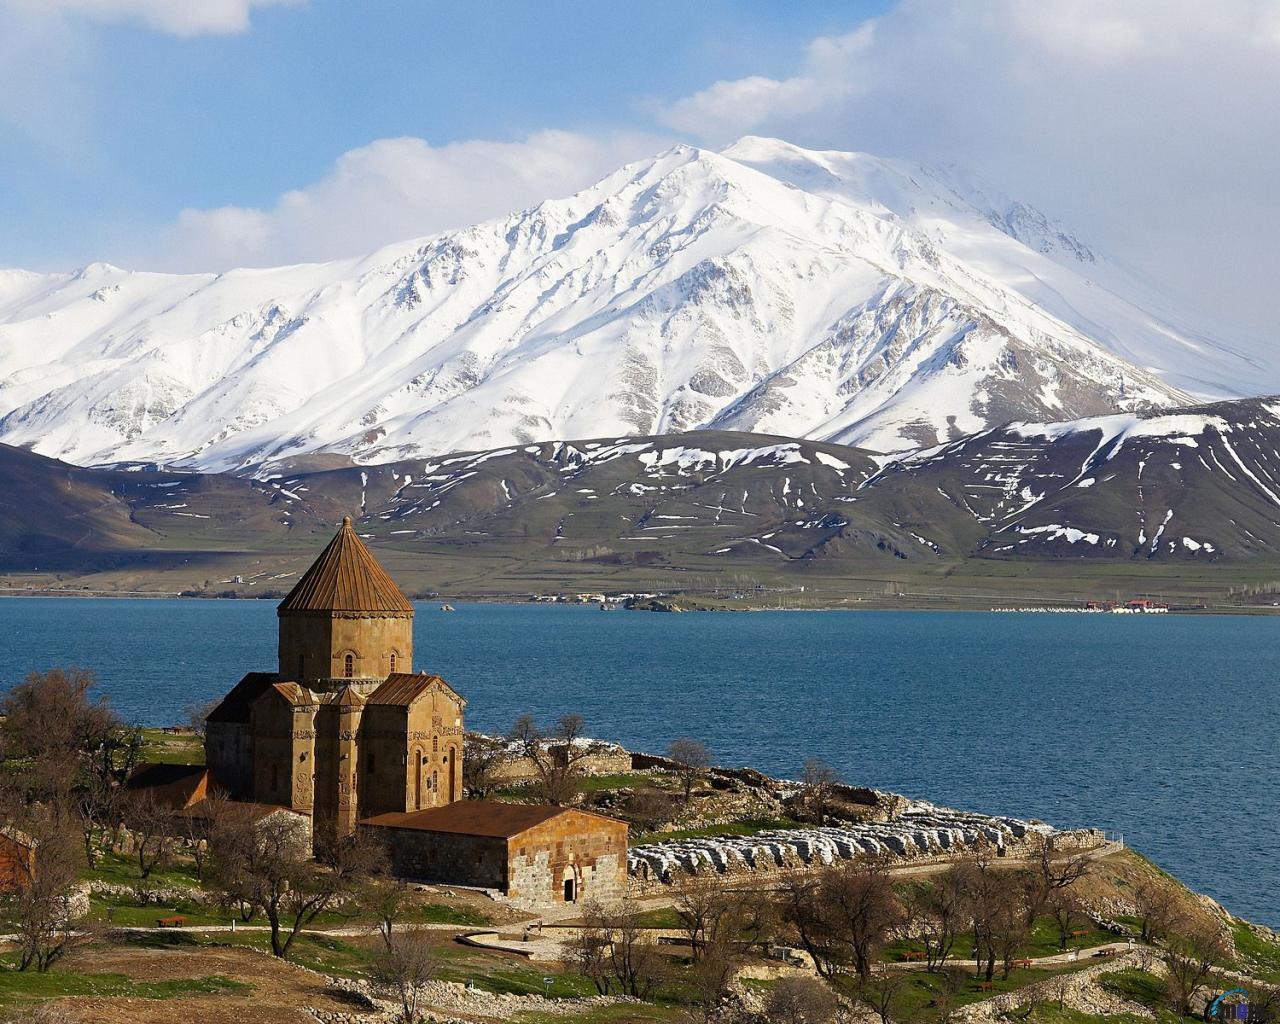 разрисовать виде храмы армении картинки фотографии купить шторную